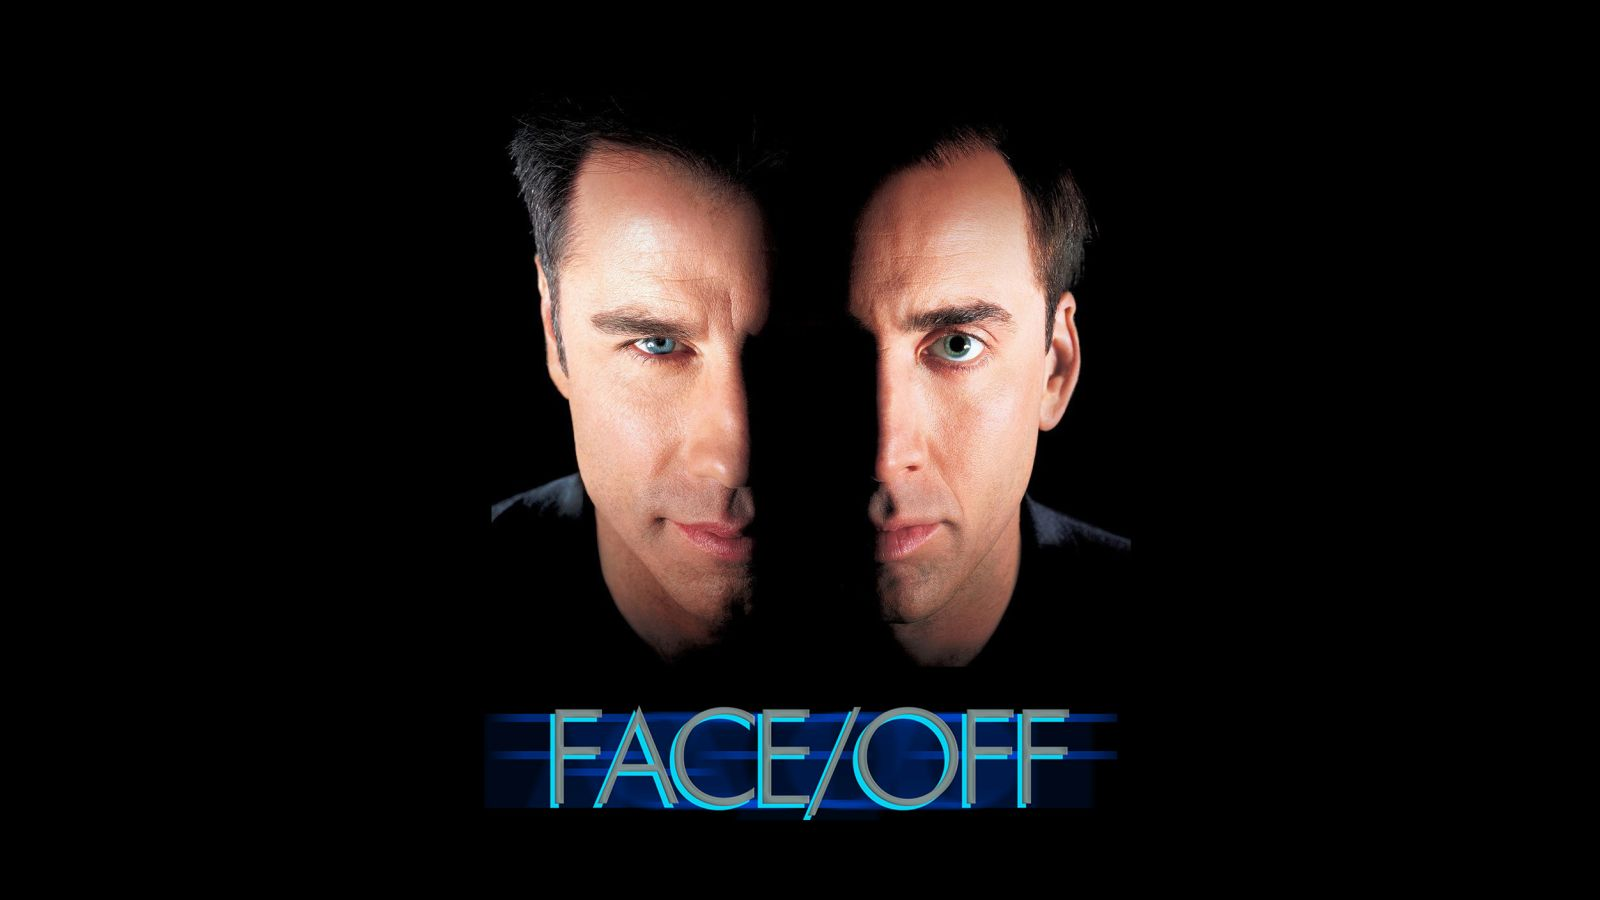 Paramount Pictures desarrolla reboot del hit de acción Face/Off con nuevo elenco